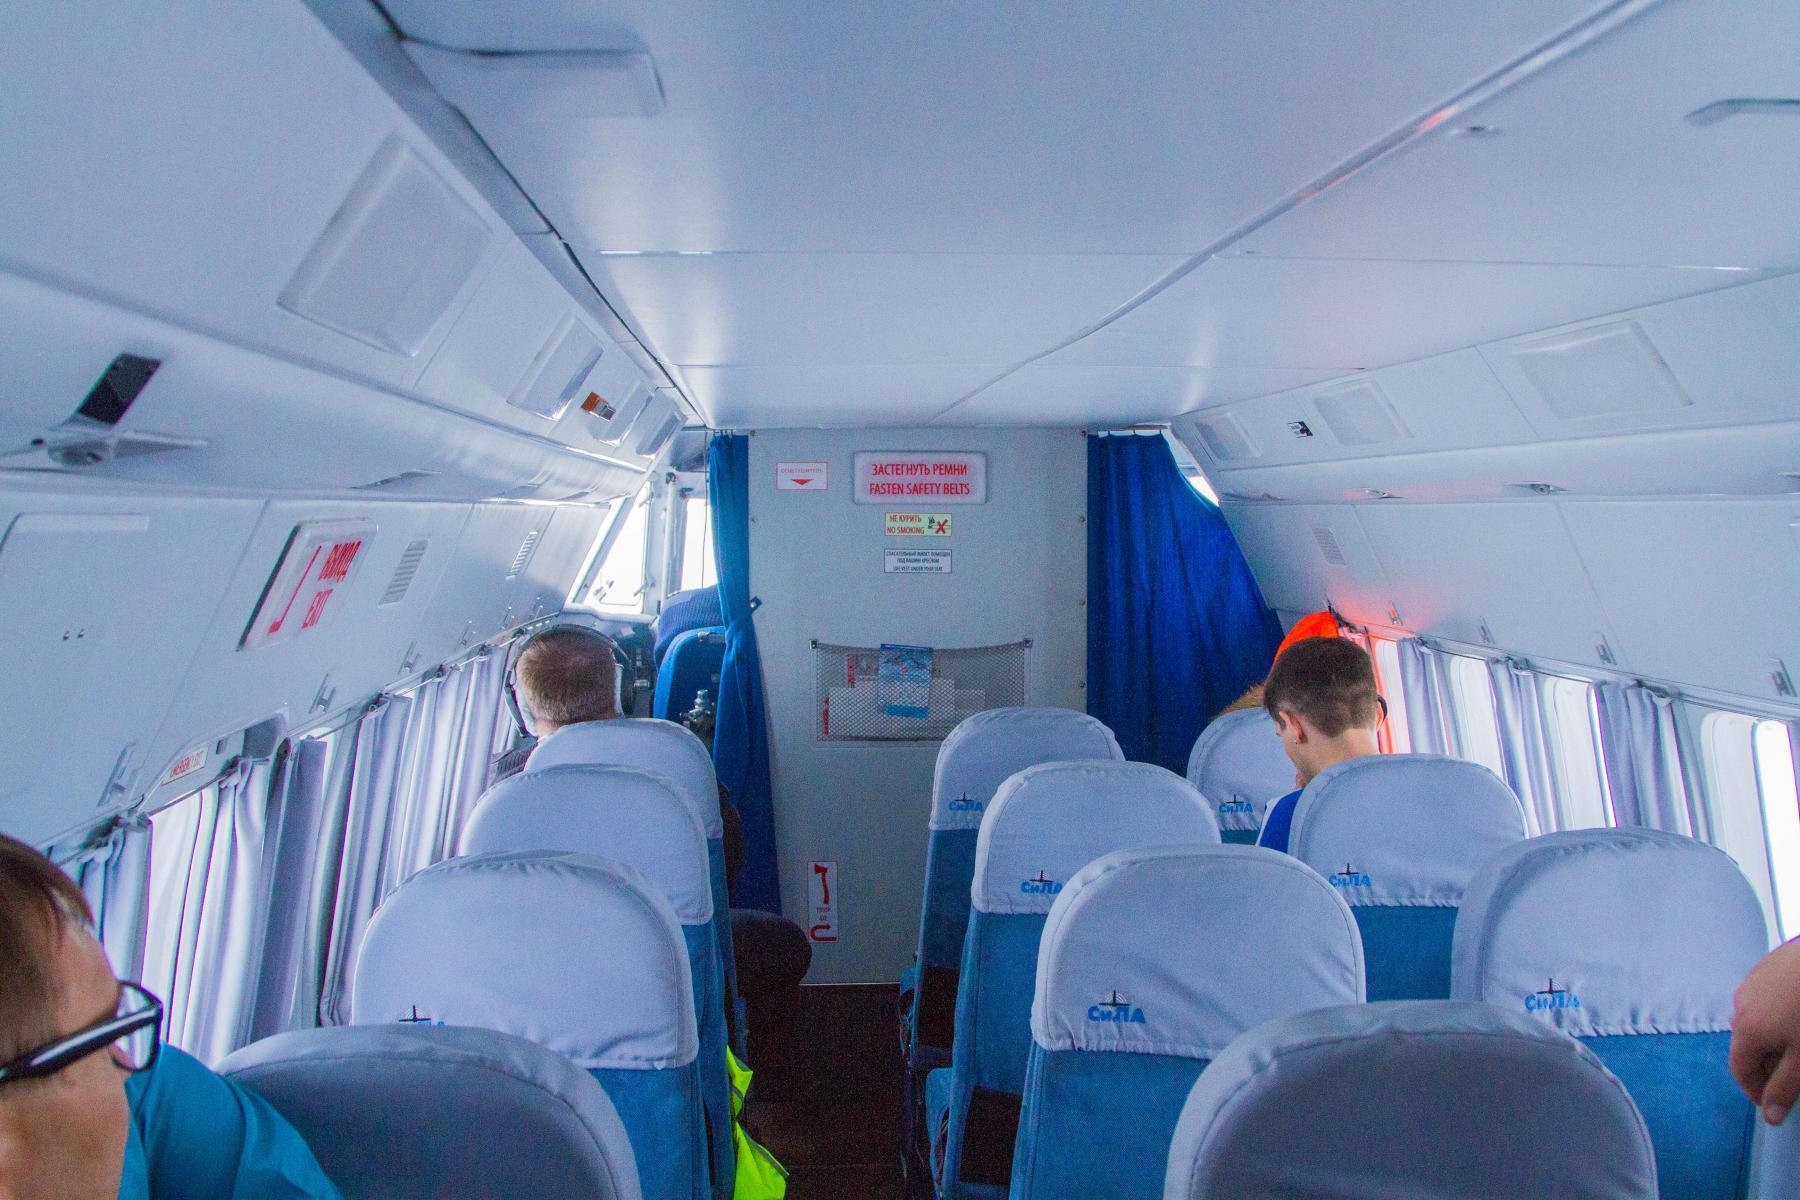 фото Полетят на курорт: в Сибири открывается авиасообщение с Белокурихой 3